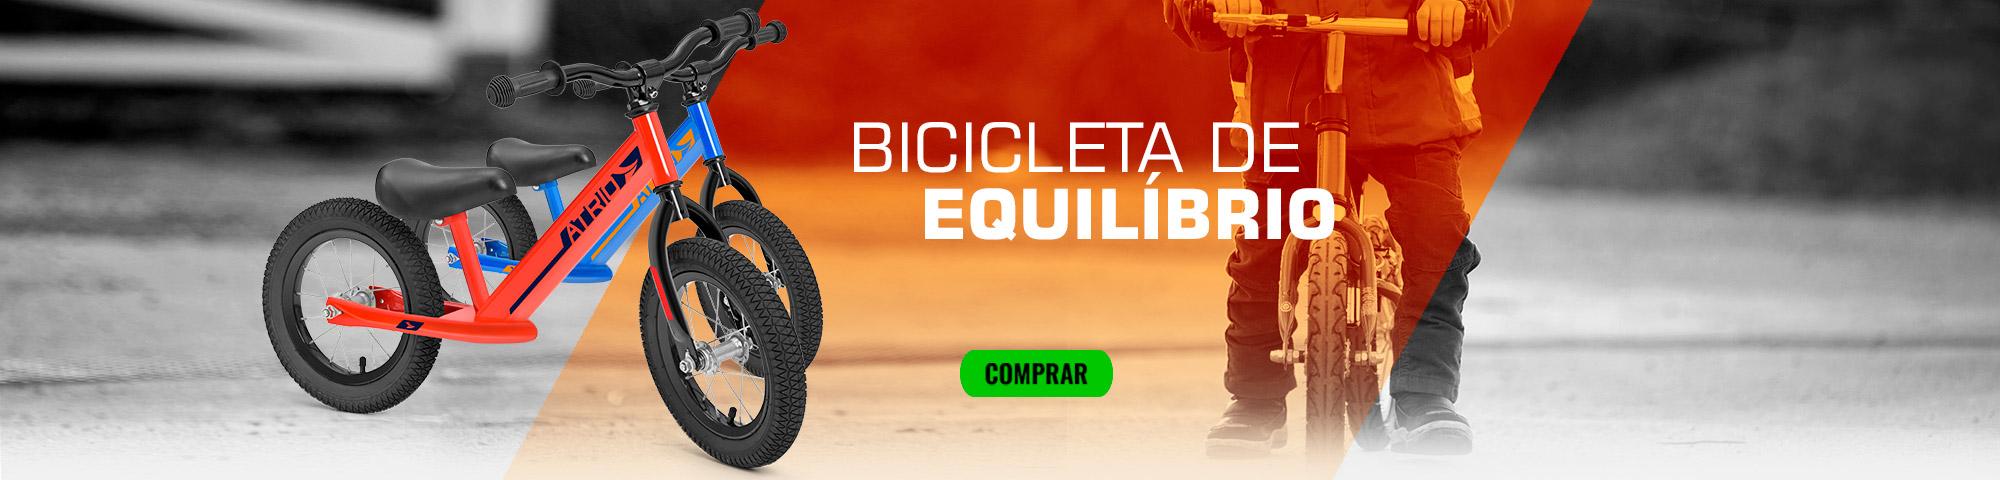 Banner Bike Equilibrio